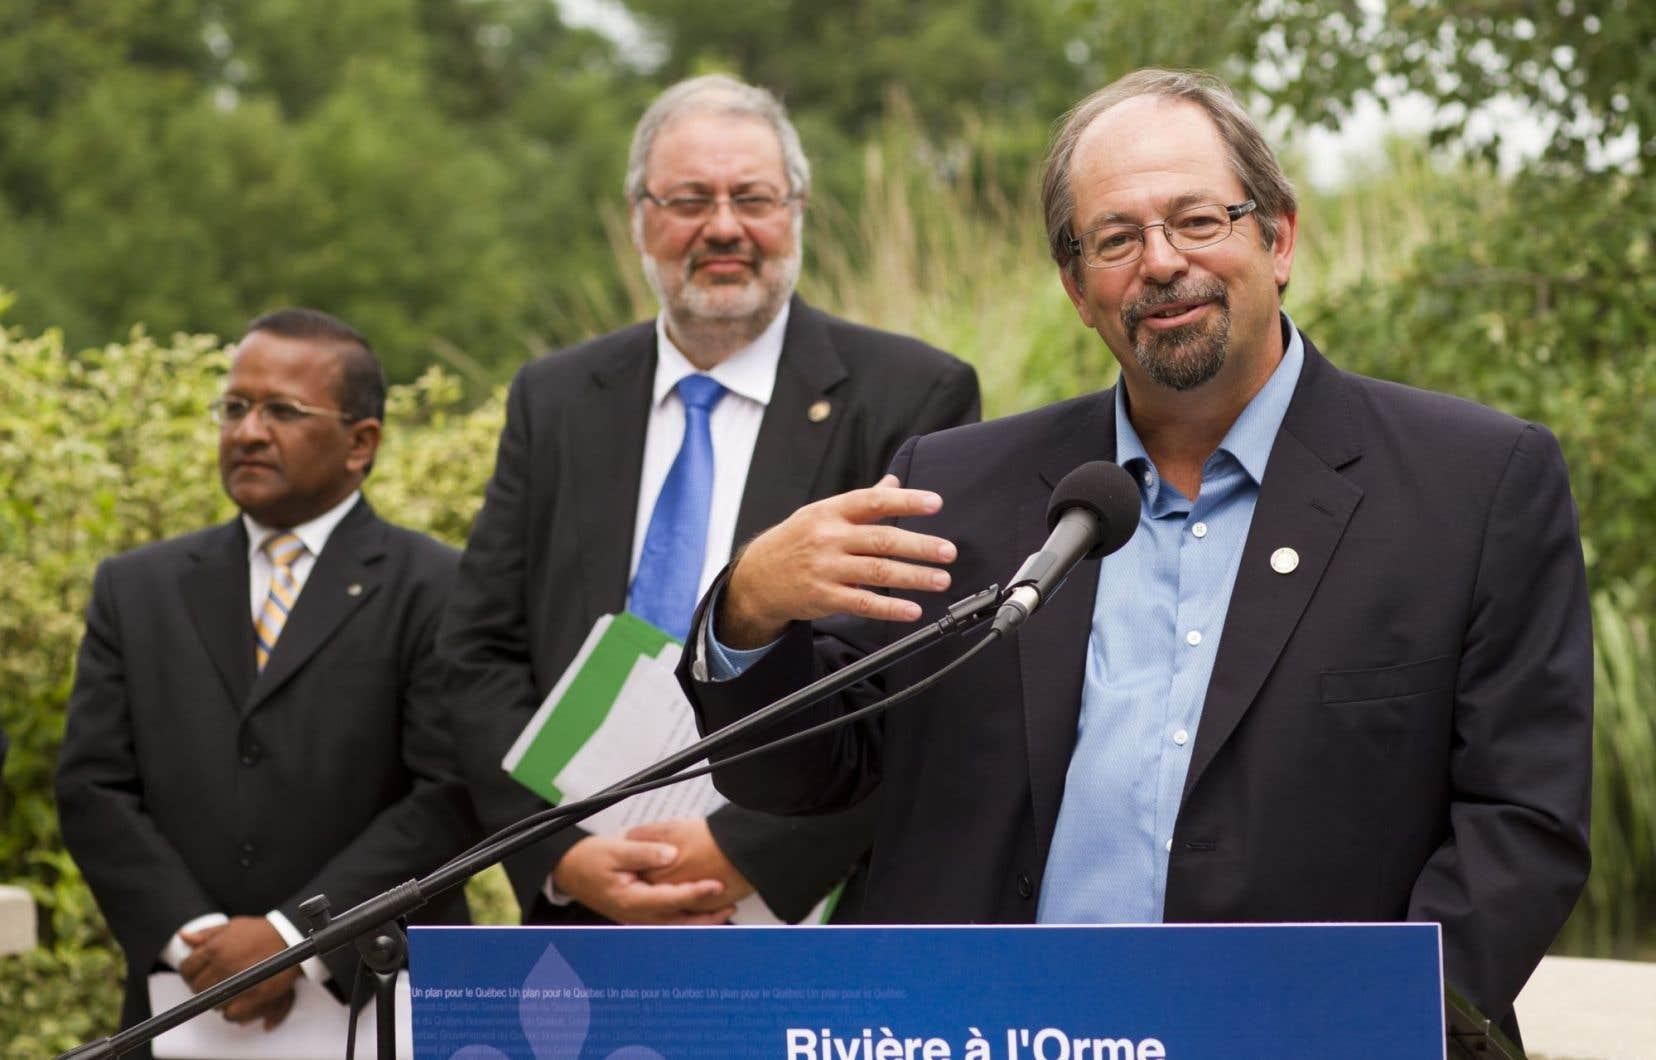 M. Kelley s'explique mal la levée de boucliers des Innus de Nutashkuan. Les négociations entre la nation innue et le gouvernement du Québec vont <em>«bon train»</em>, dit-il.